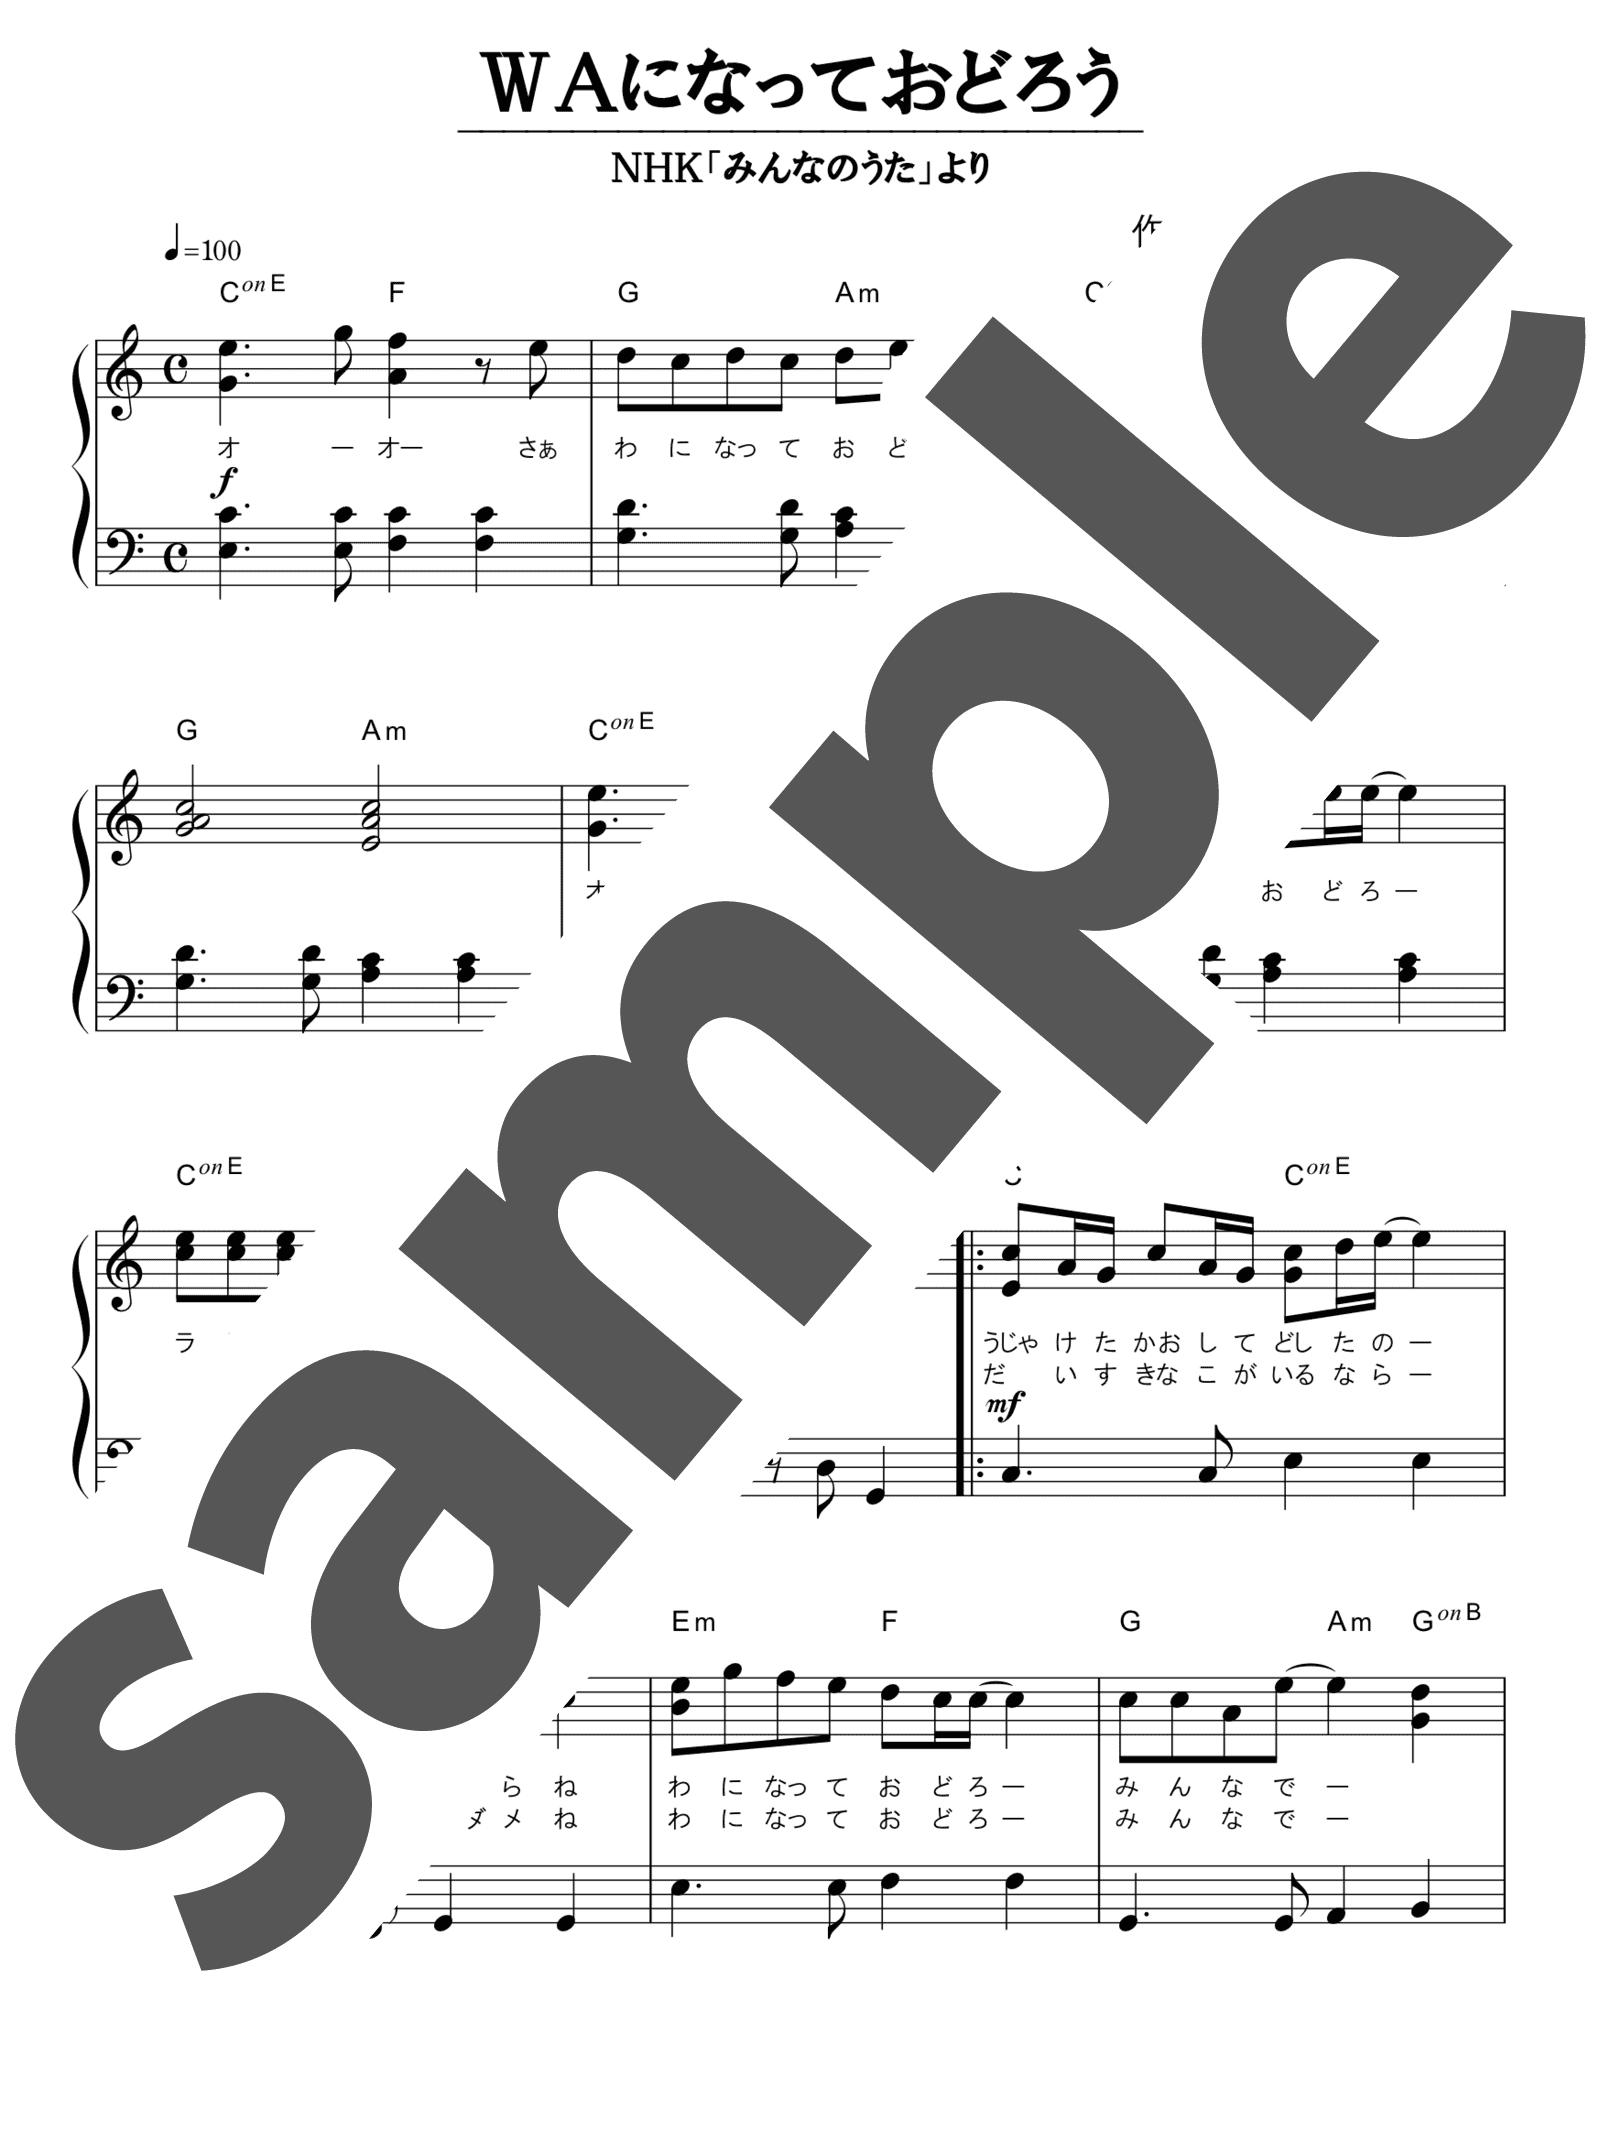 「WAになっておどろう」のサンプル楽譜